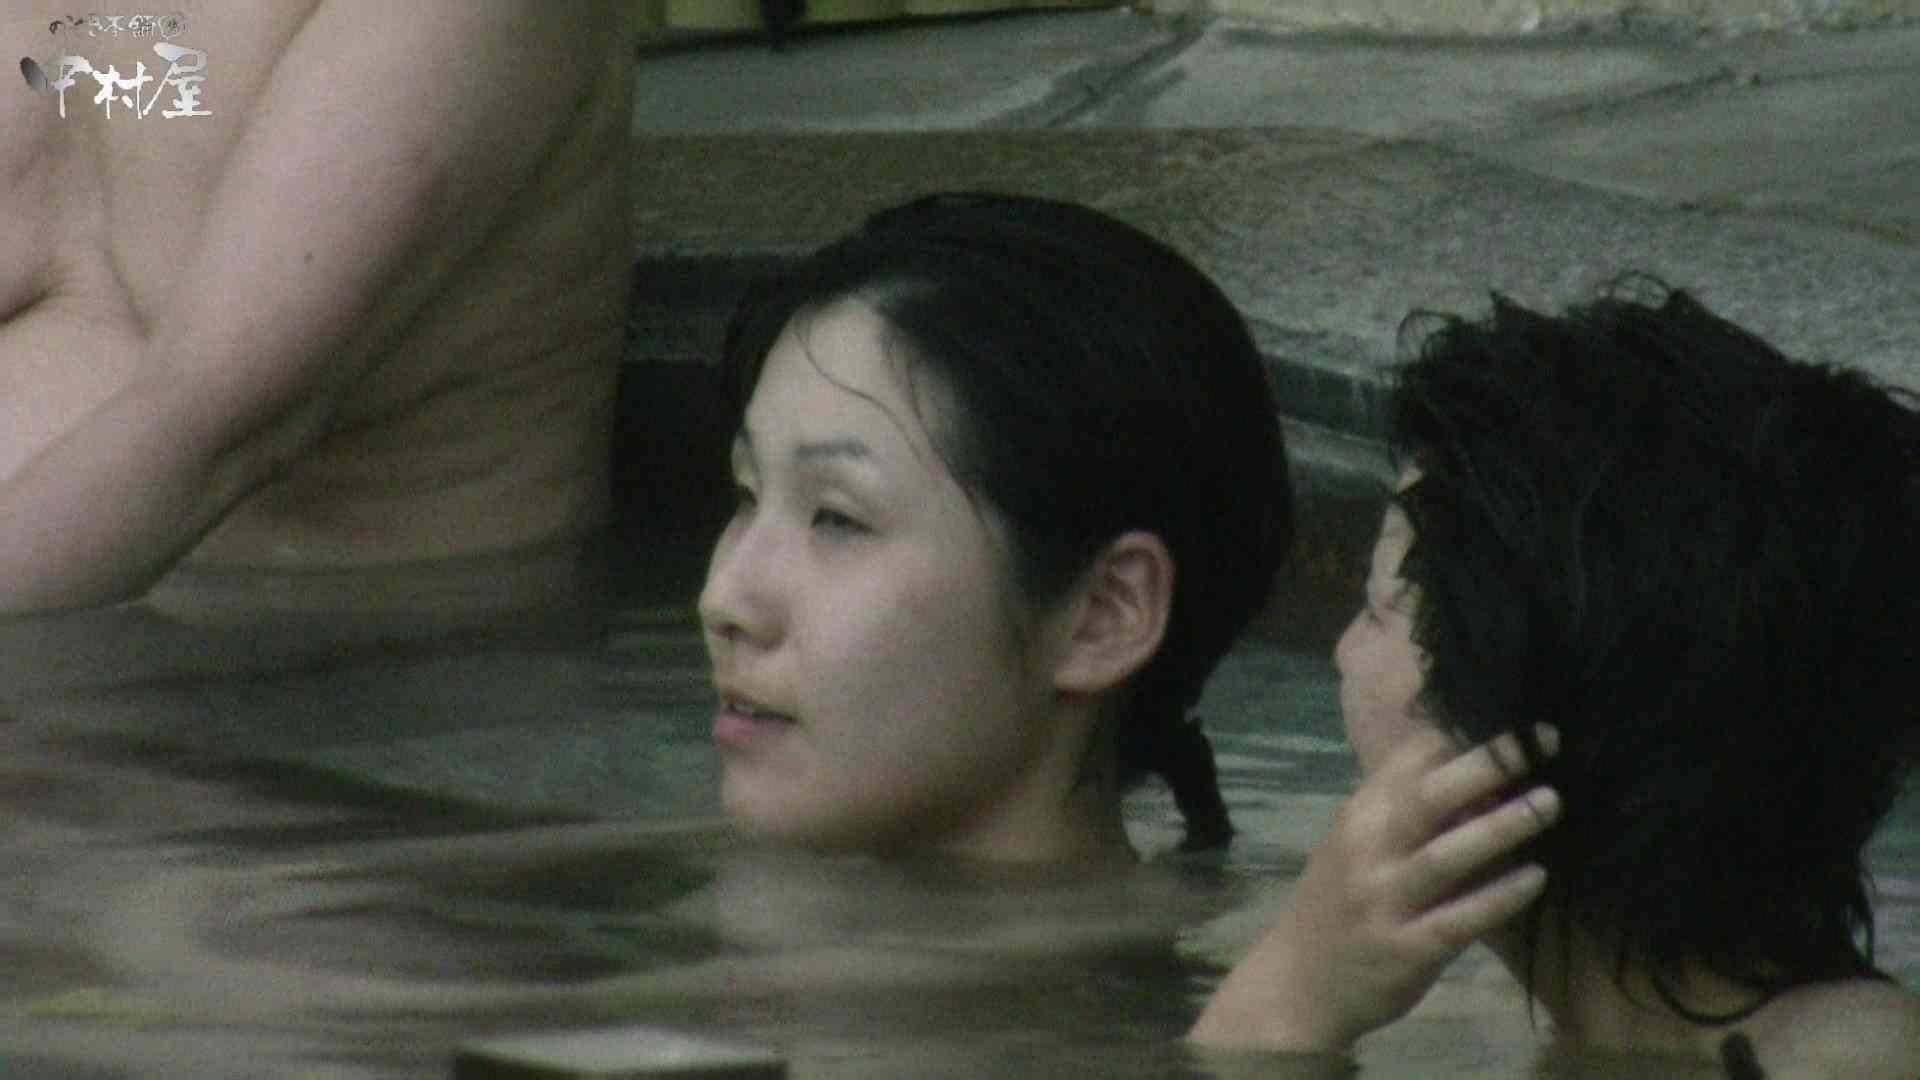 Aquaな露天風呂Vol.983 0  78pic 18